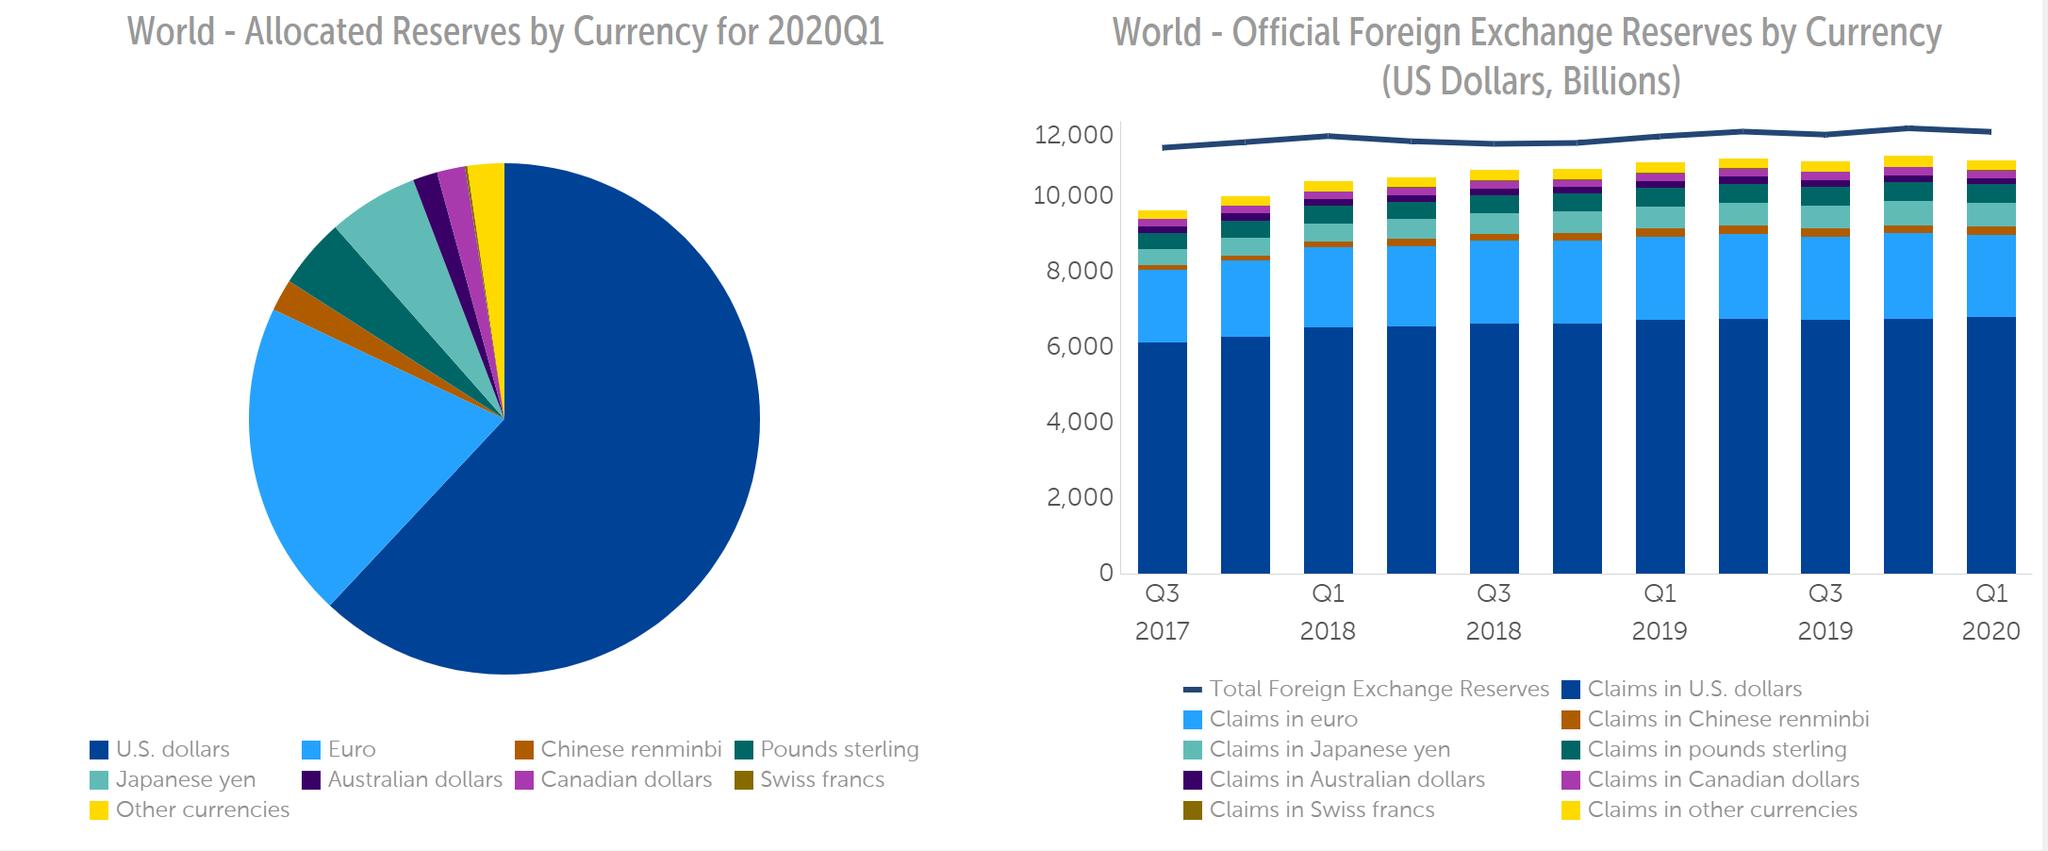 第一季美元在全球外汇储备中的占比上升